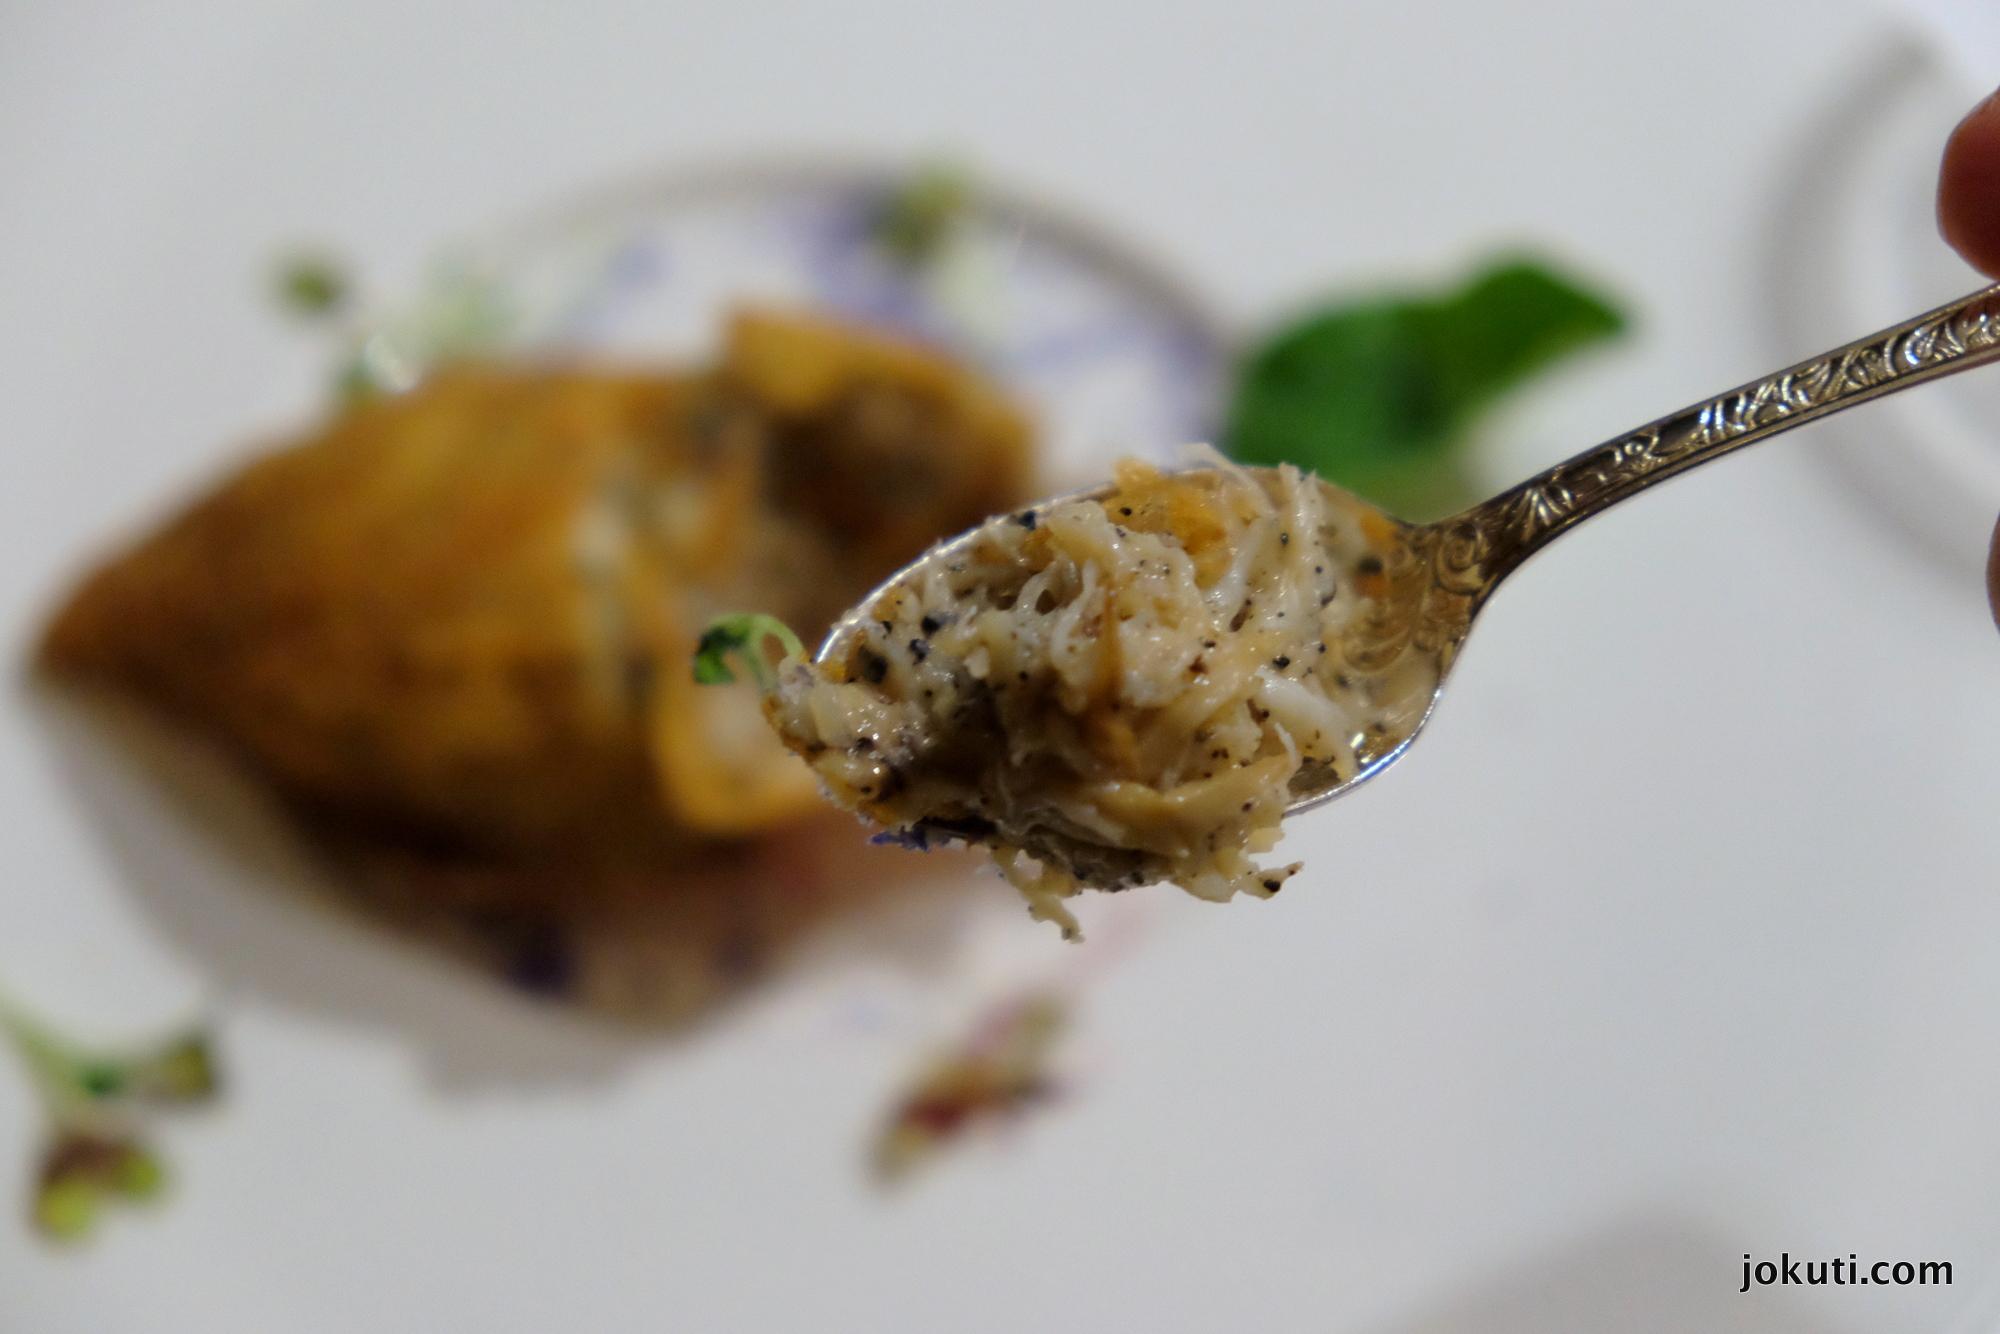 dscf6898_jade_dragon_restaurant_cantonese_chinese_michelin_macau_makao_china_kinai_vilagevo_jokuti.jpg